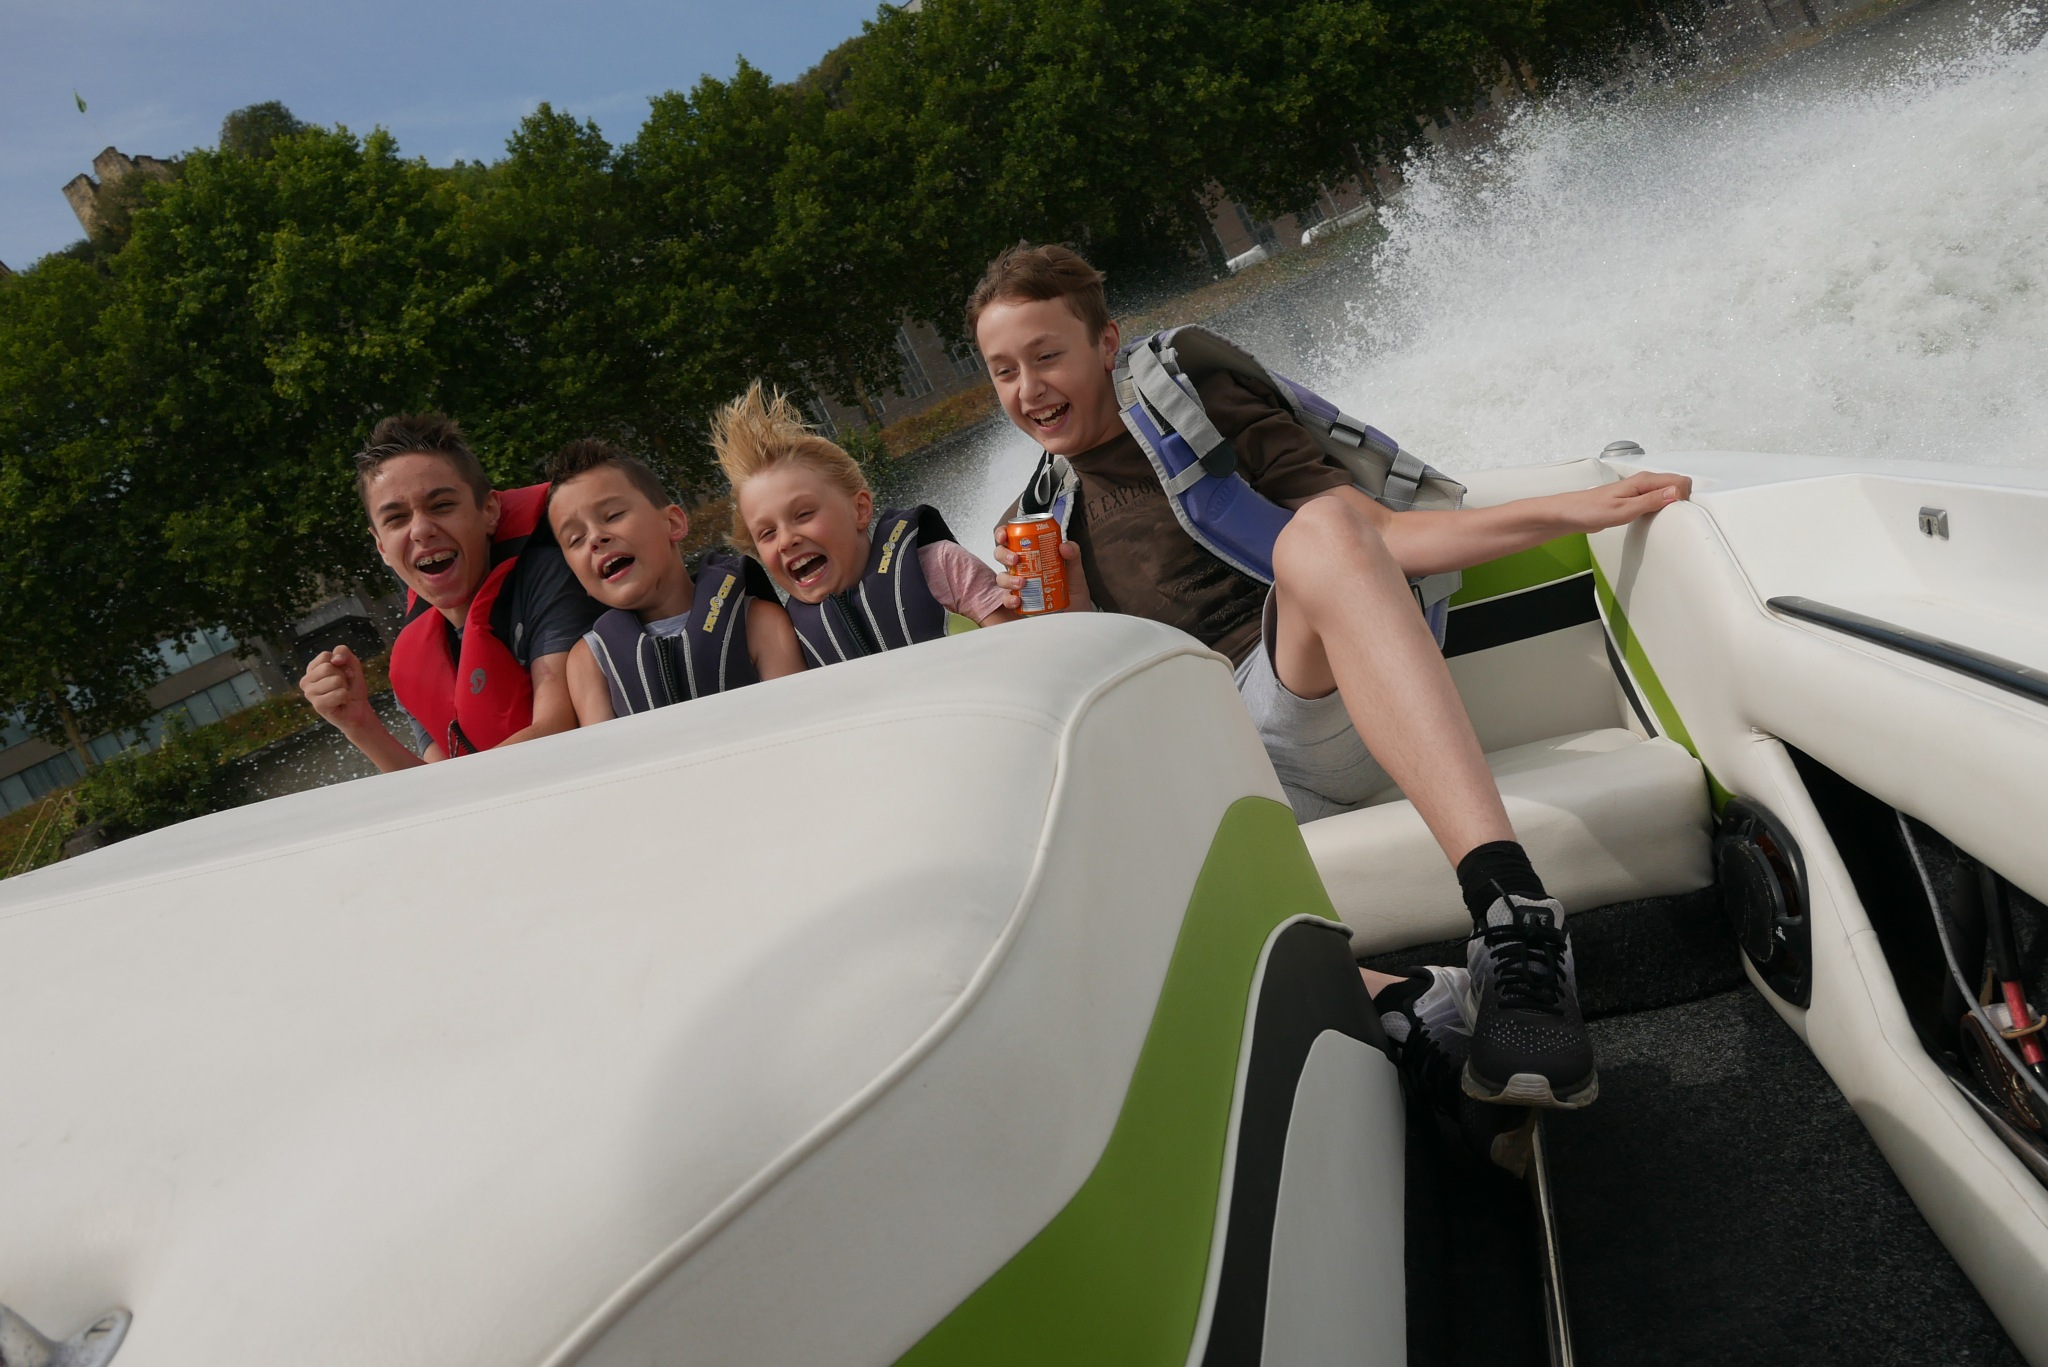 Speedboatfun with the kids by StefanJansen